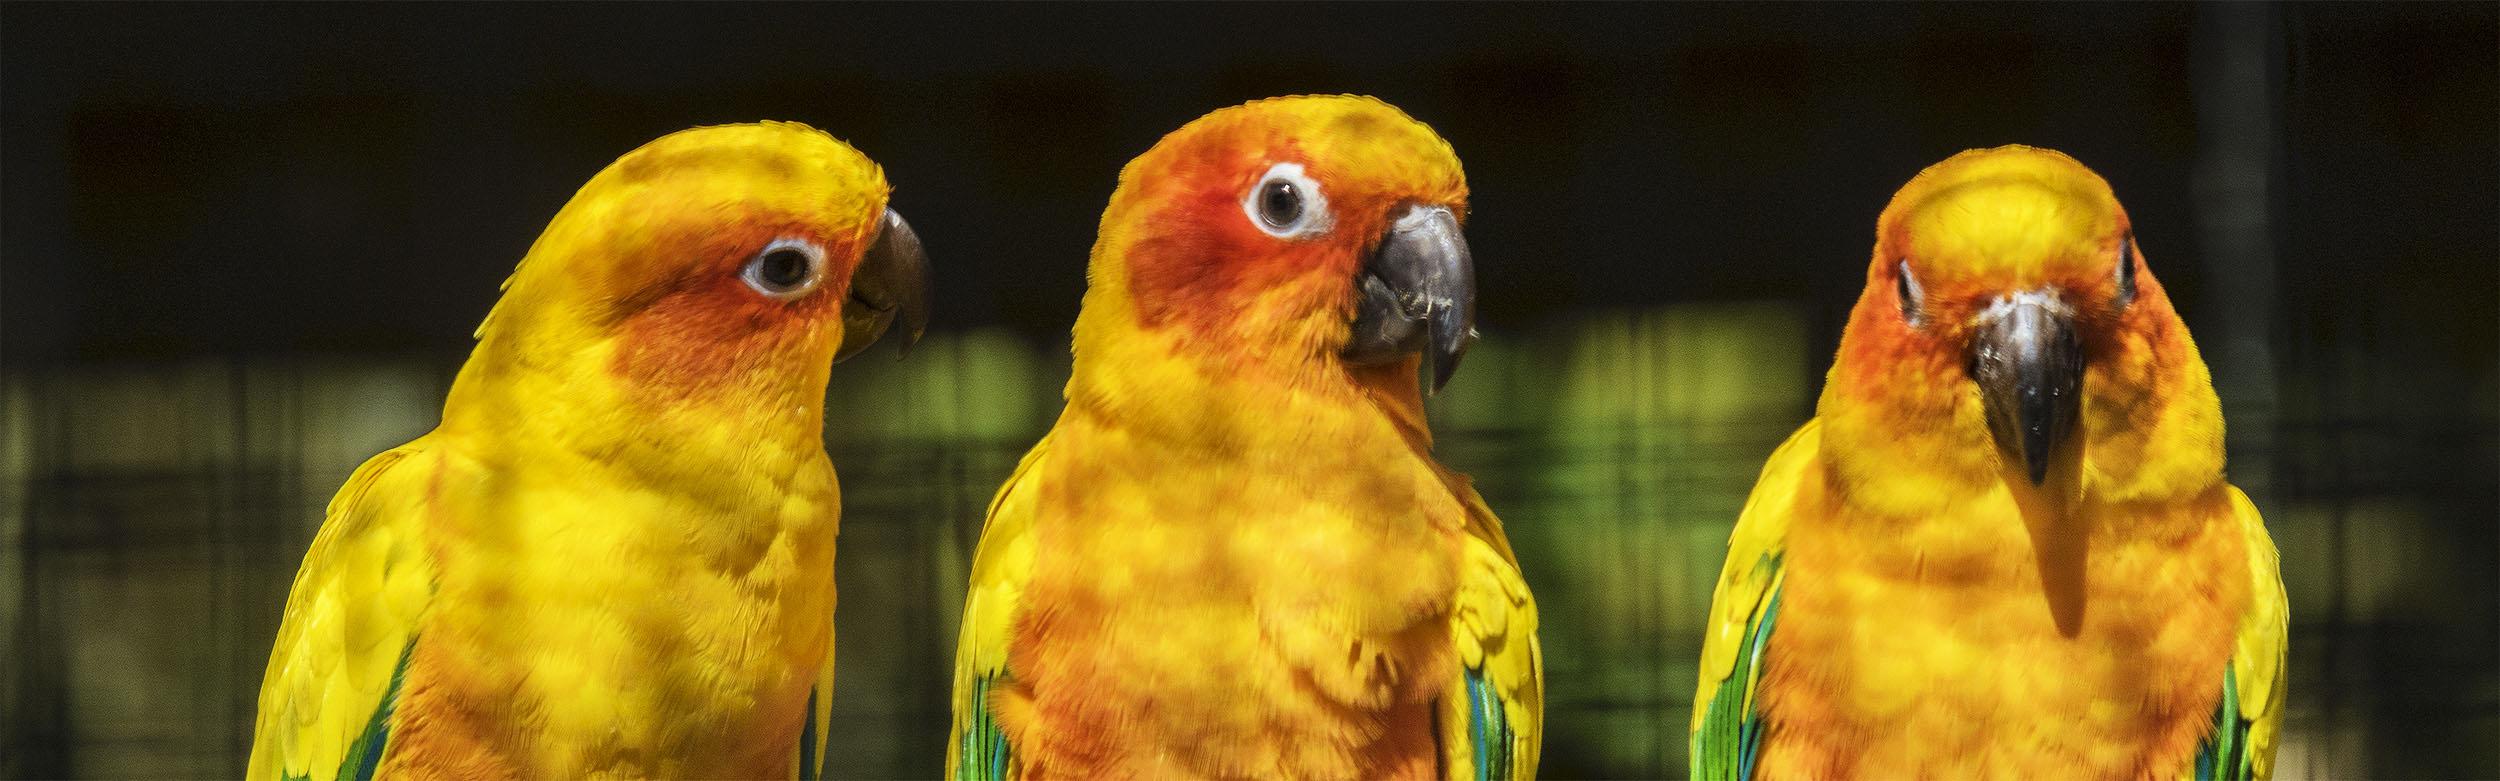 Fonds D'écran Gratuits: Oiseaux Exotiques tout Images D Oiseaux Gratuites